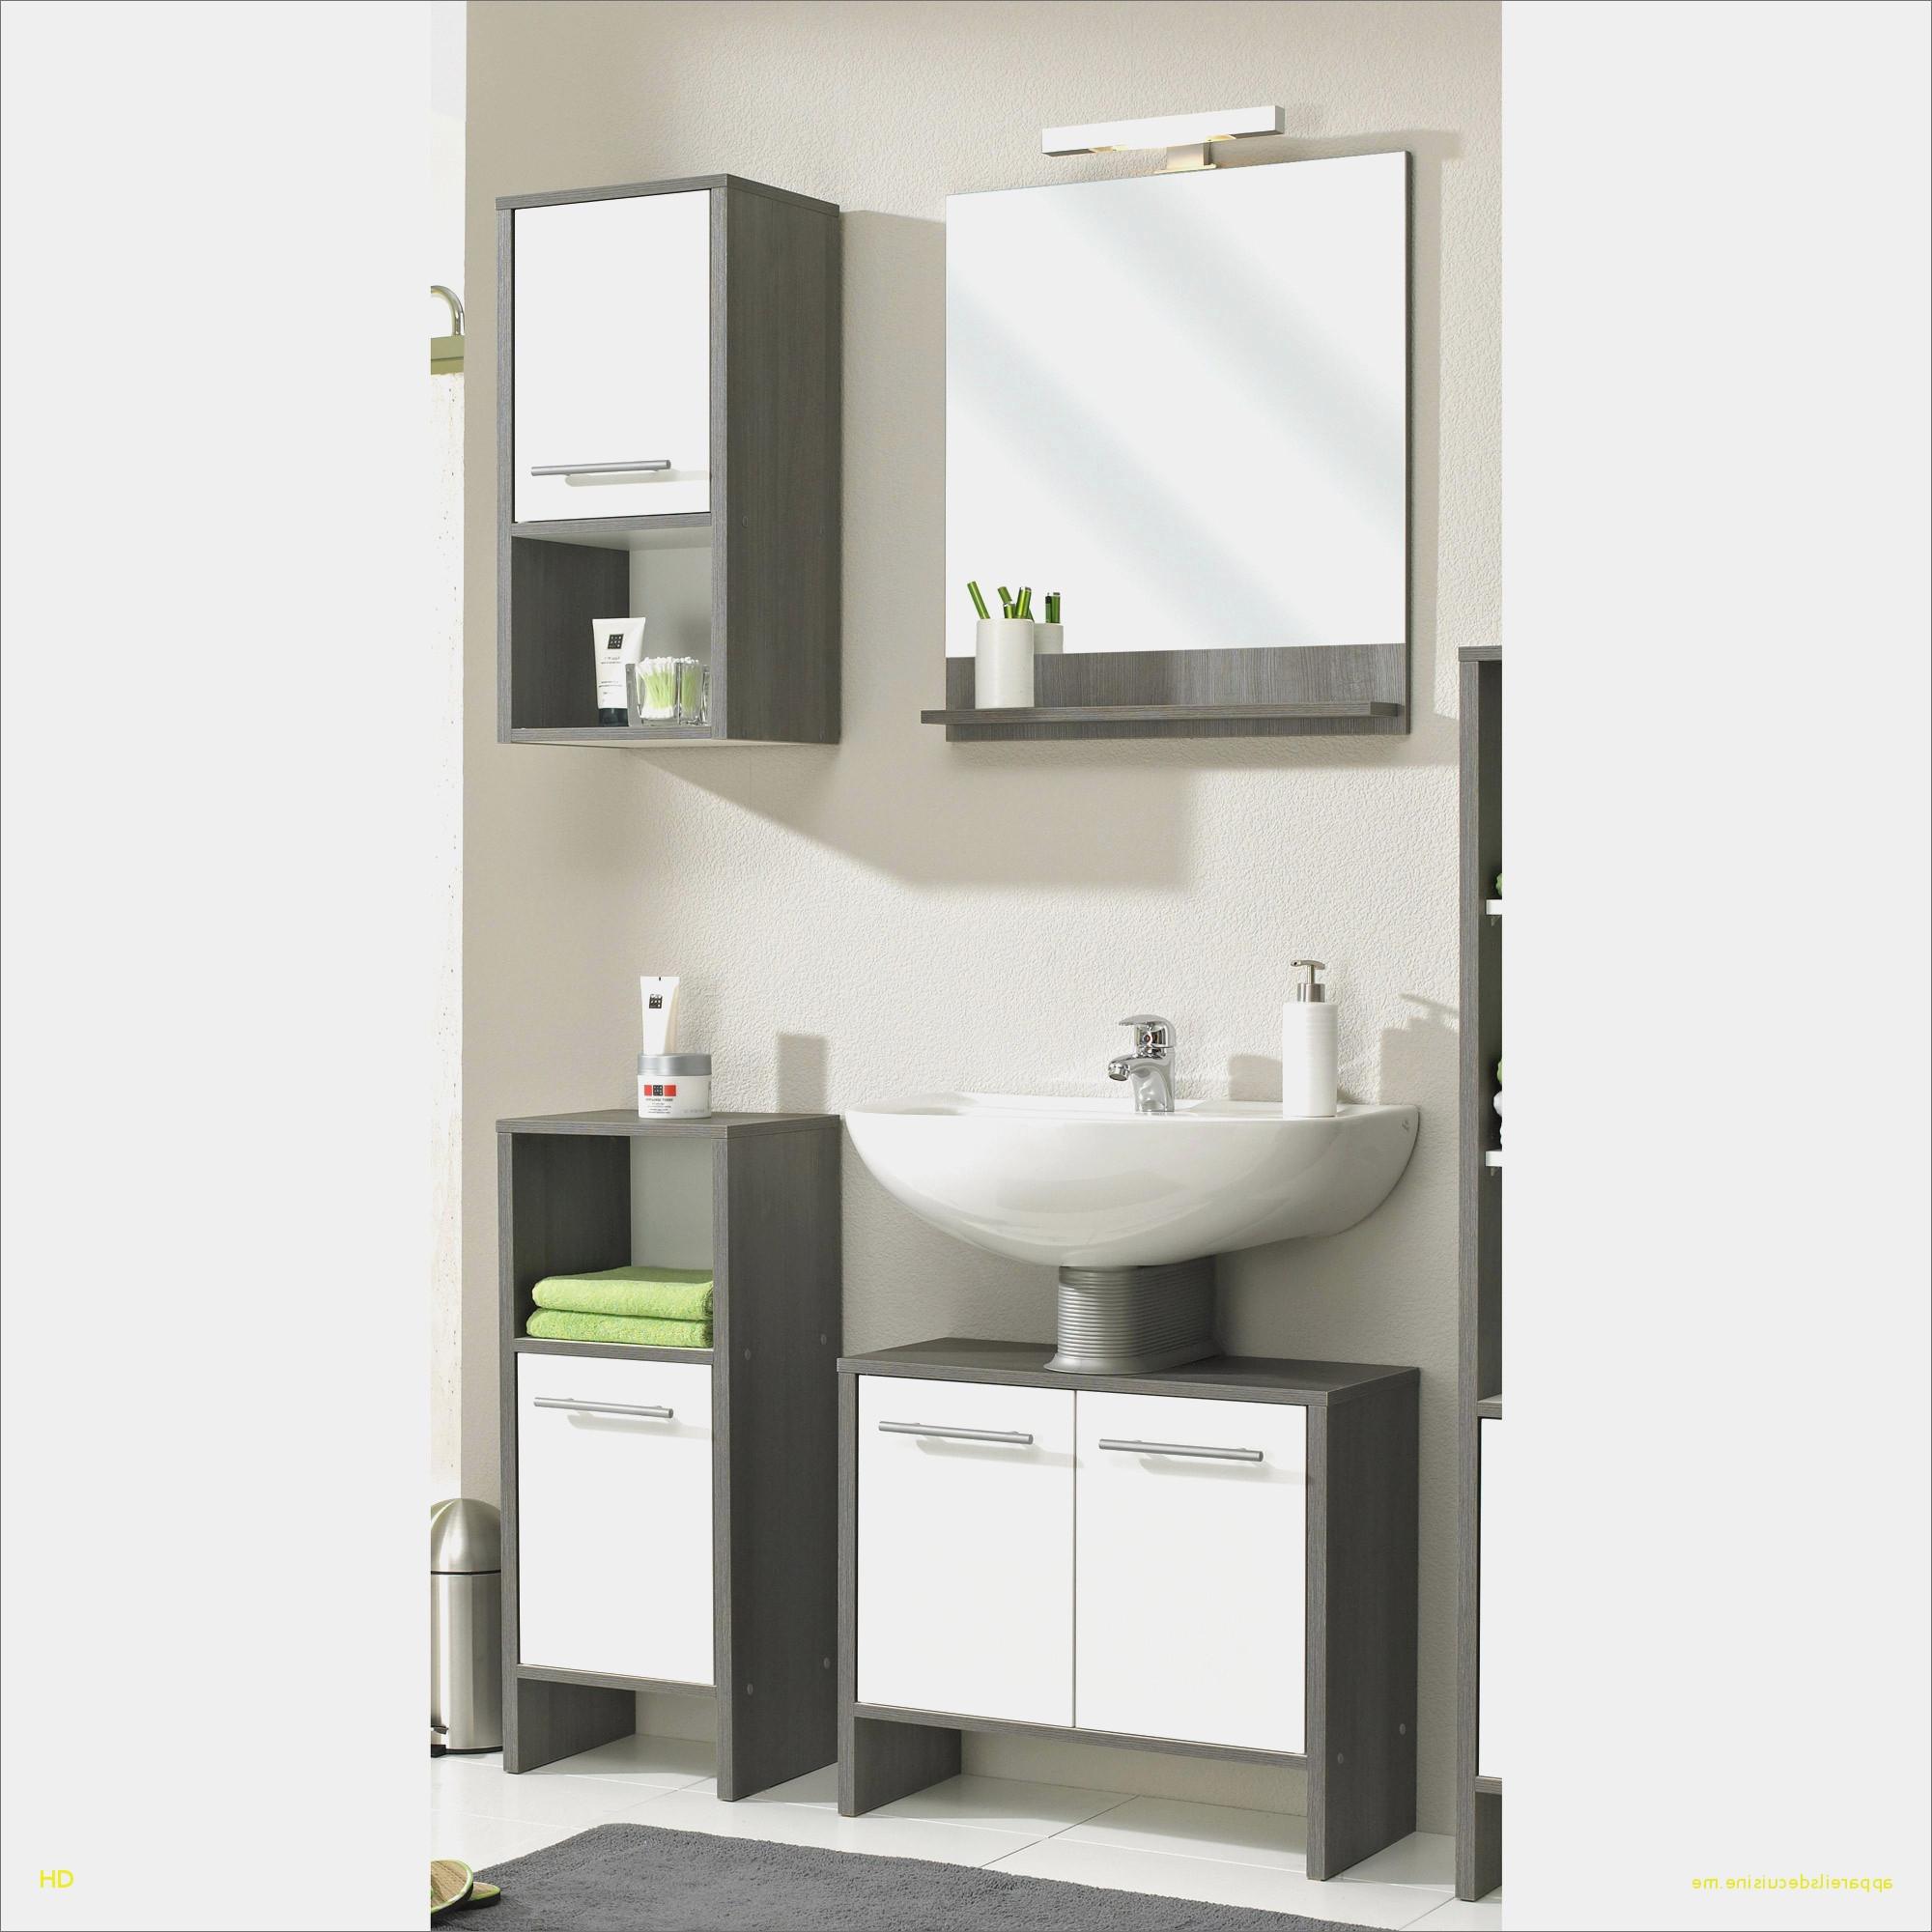 67 luxe photos de eclairage salle de bain ikea Eclairage salle de bain ikea